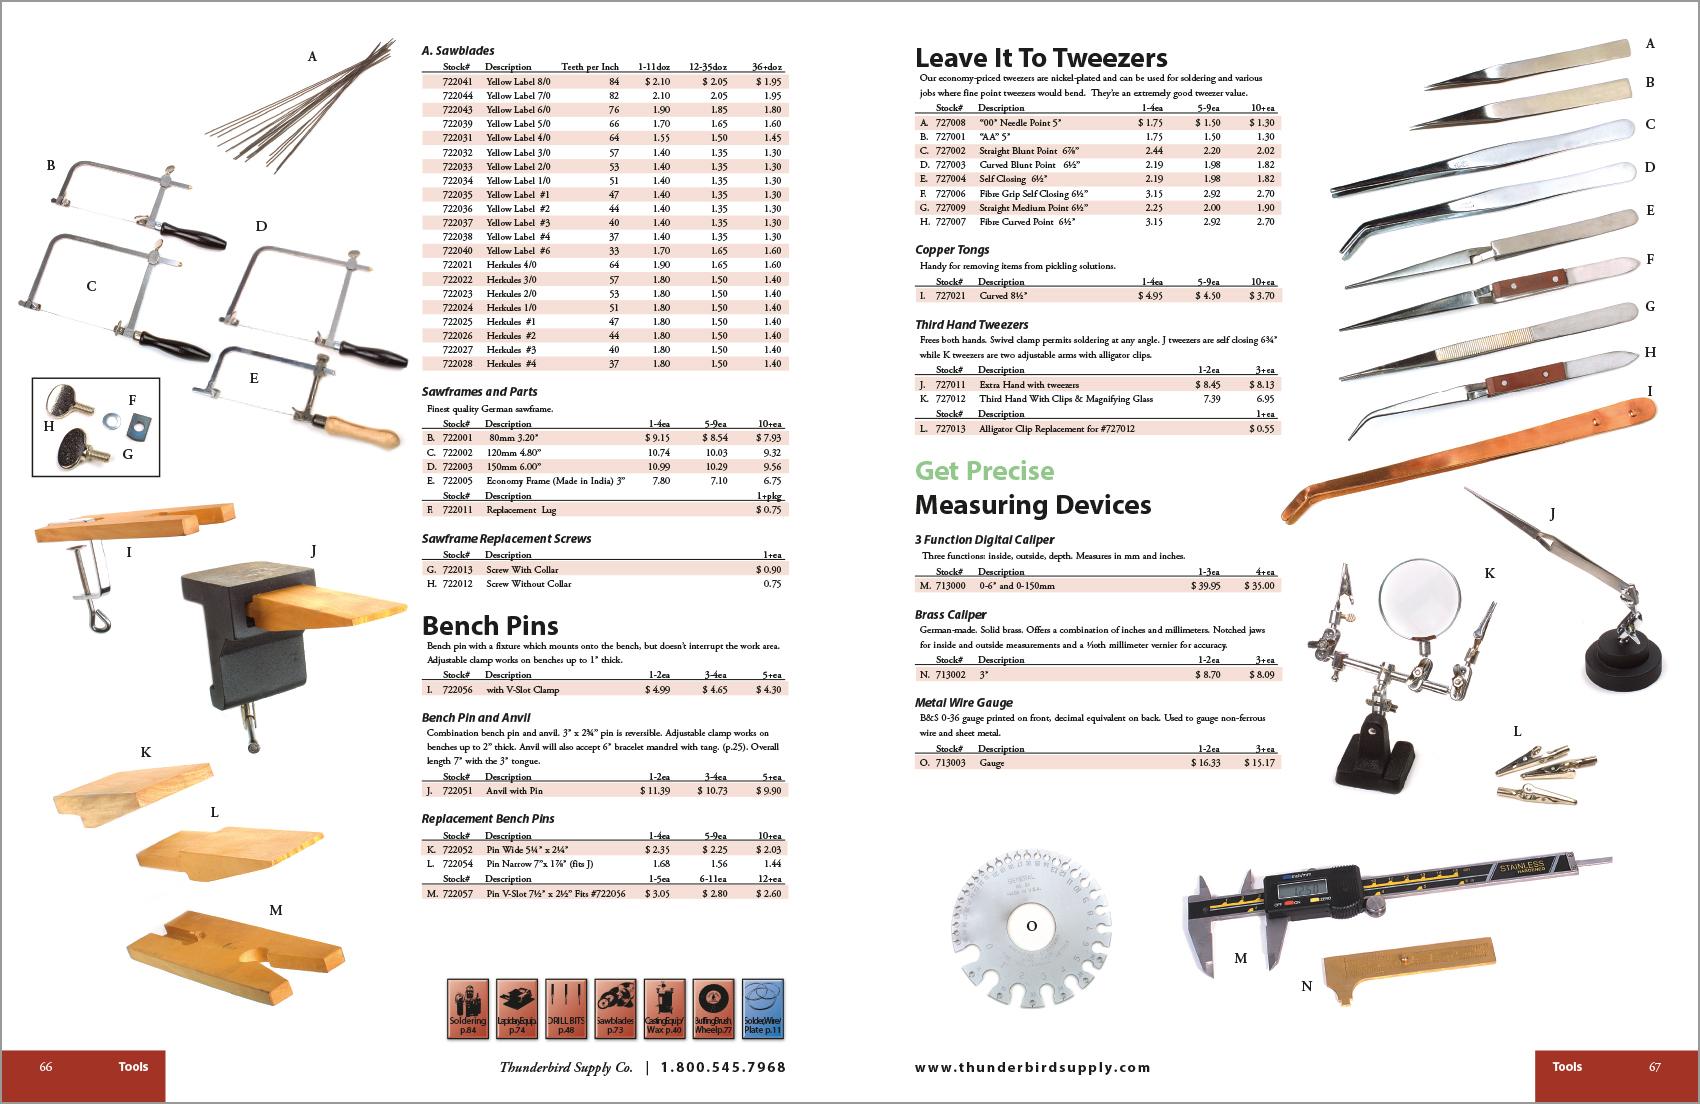 4. 2006 CAT Tools2 66-67